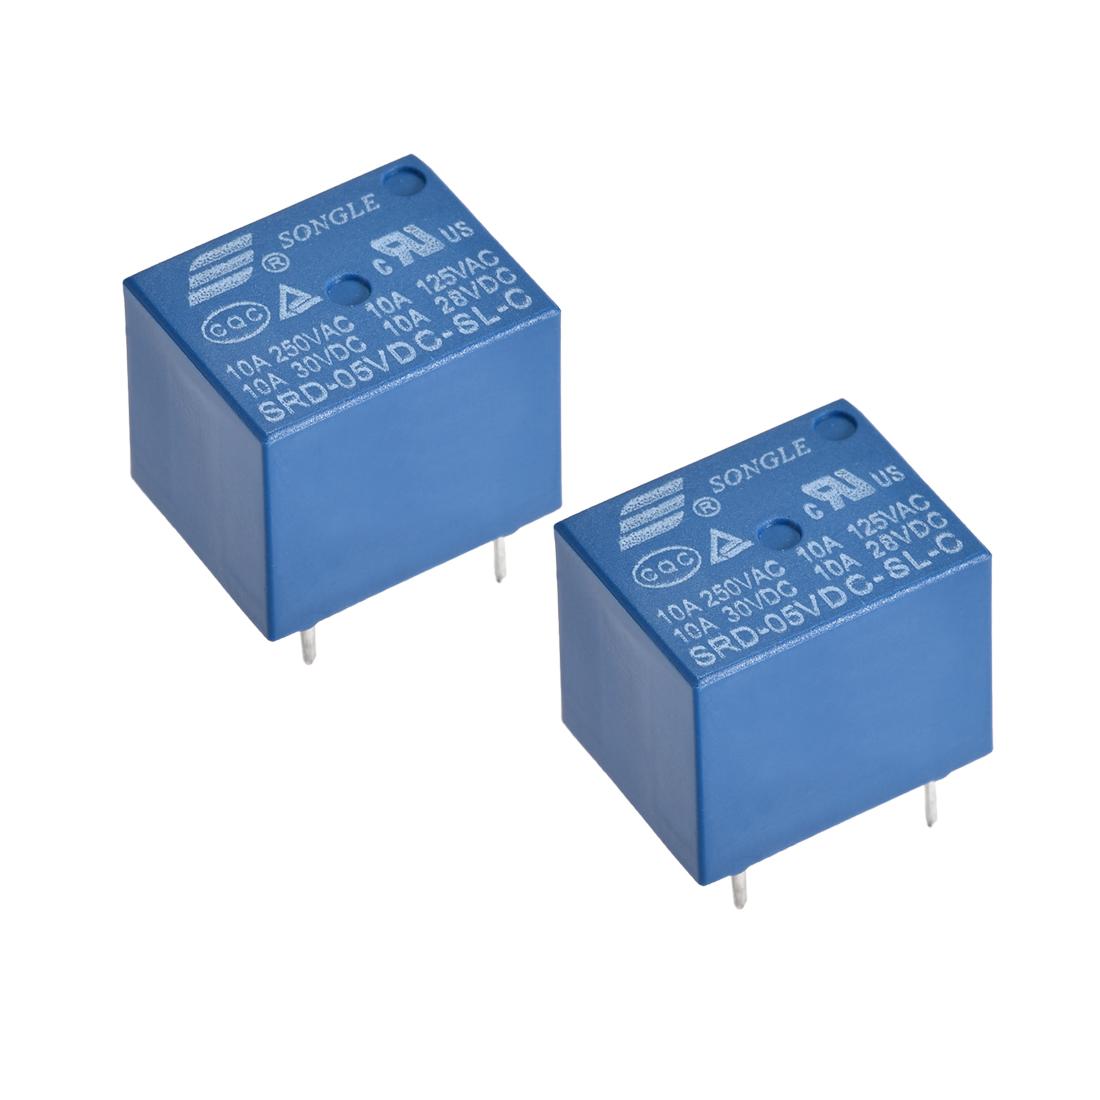 SRD-05VDC-SL-C Power Relay DC 5V 10A 5 Pin SPDT PCB Type 1NO 1NC 2 Pcs